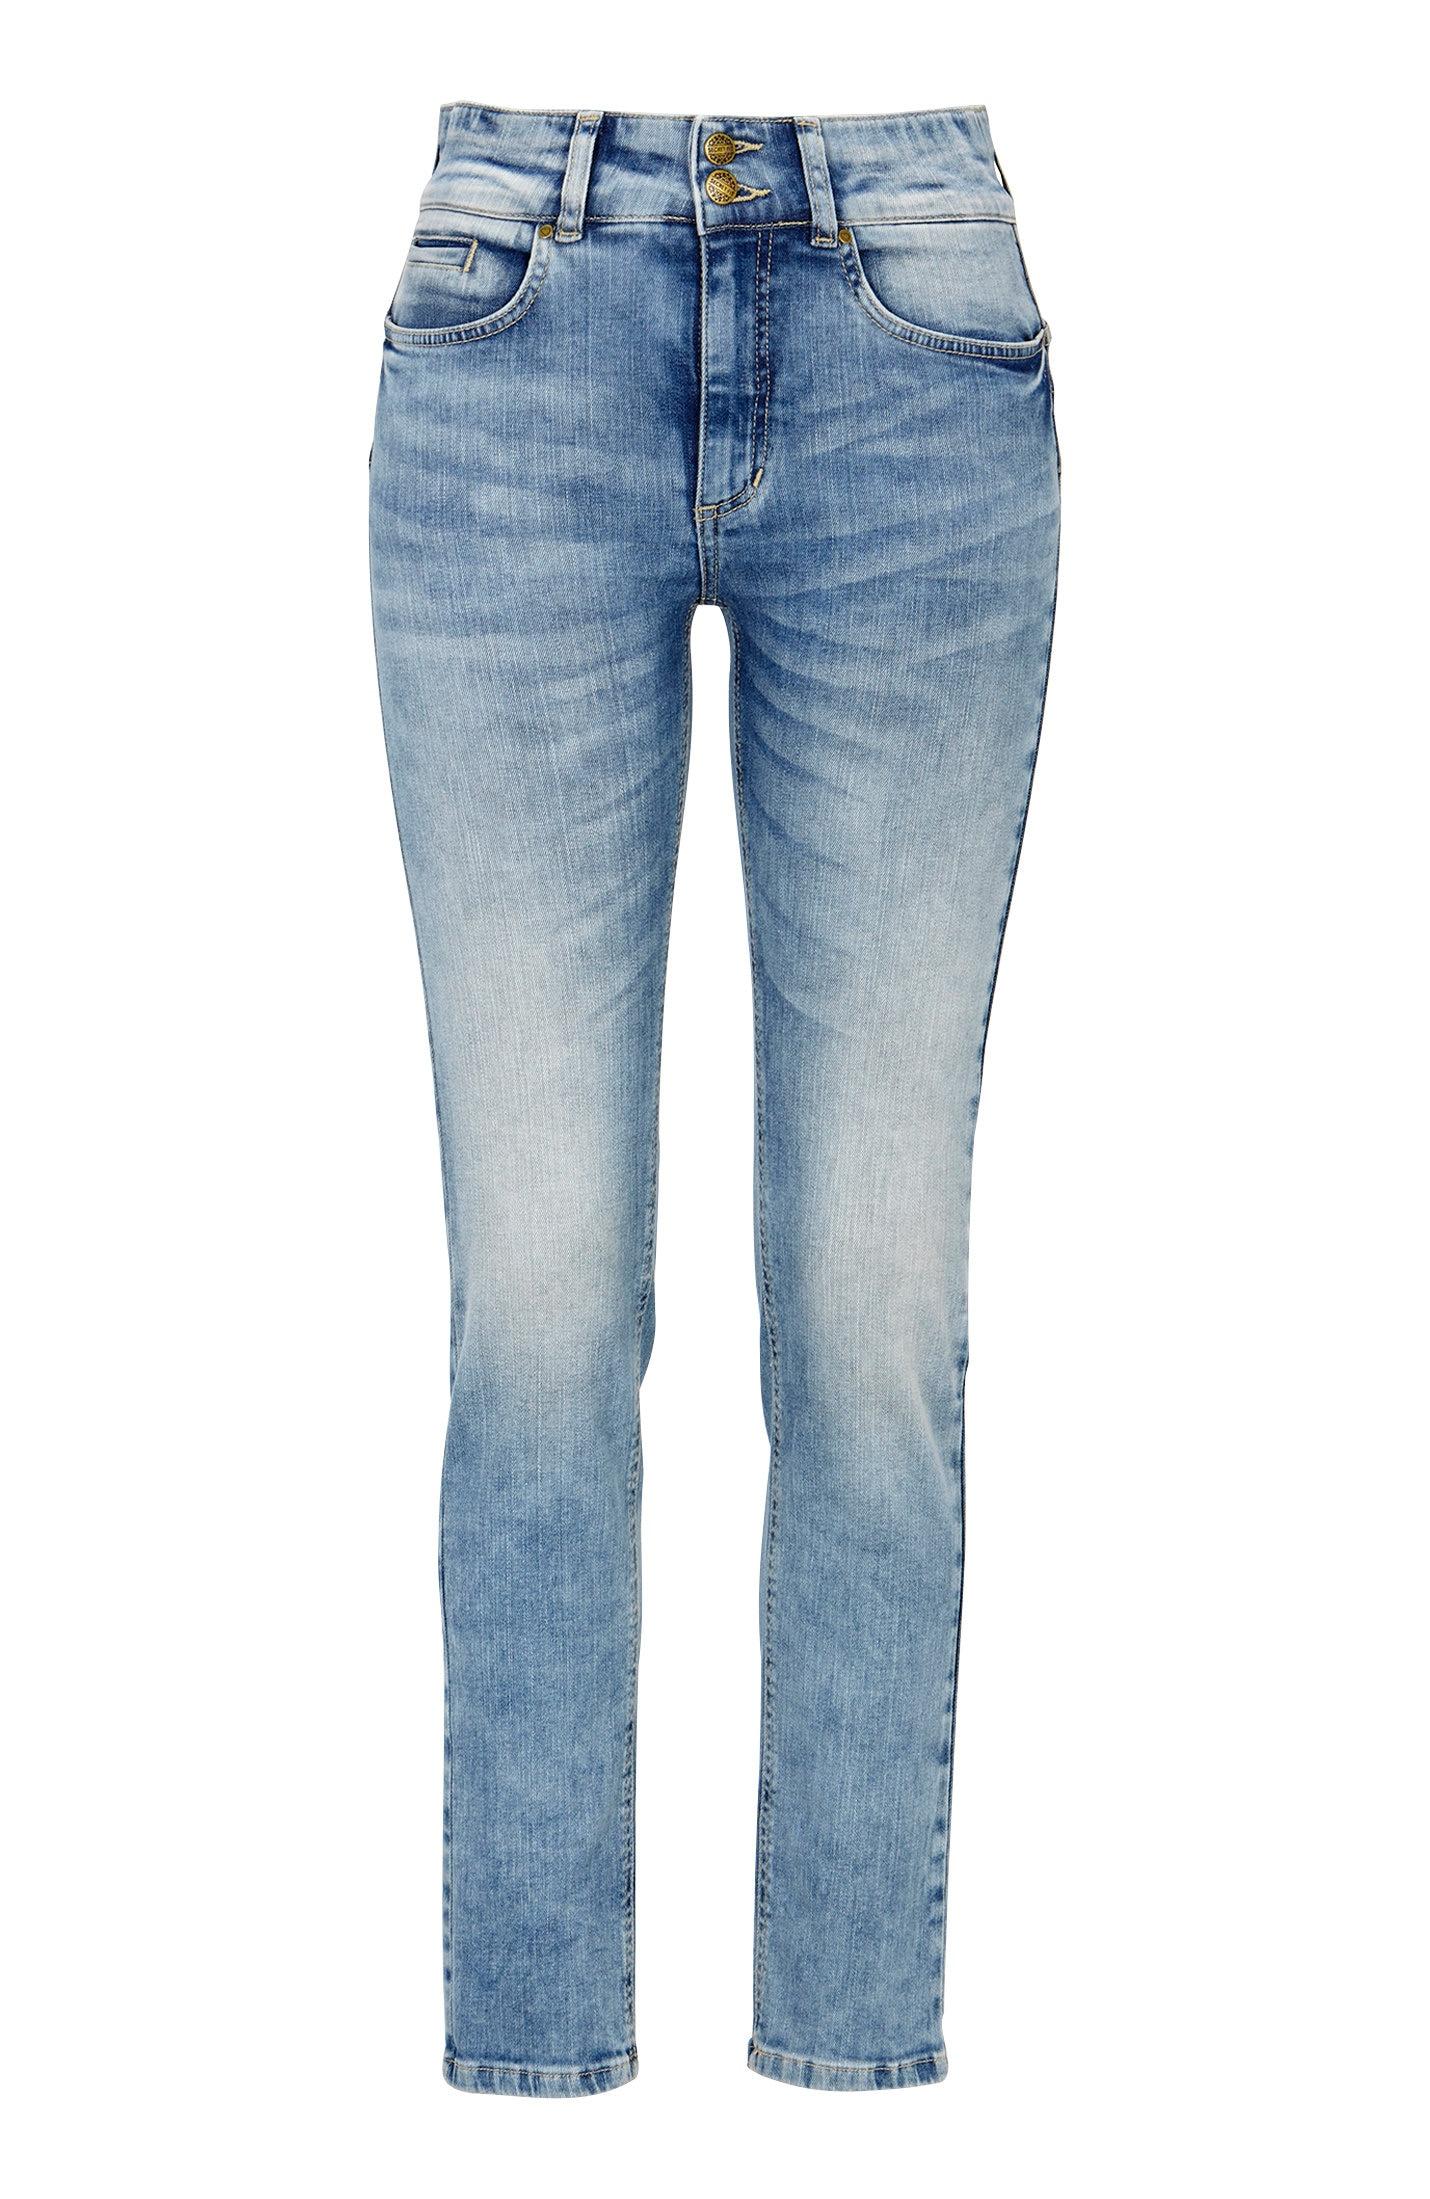 Rak push up jeans Selena